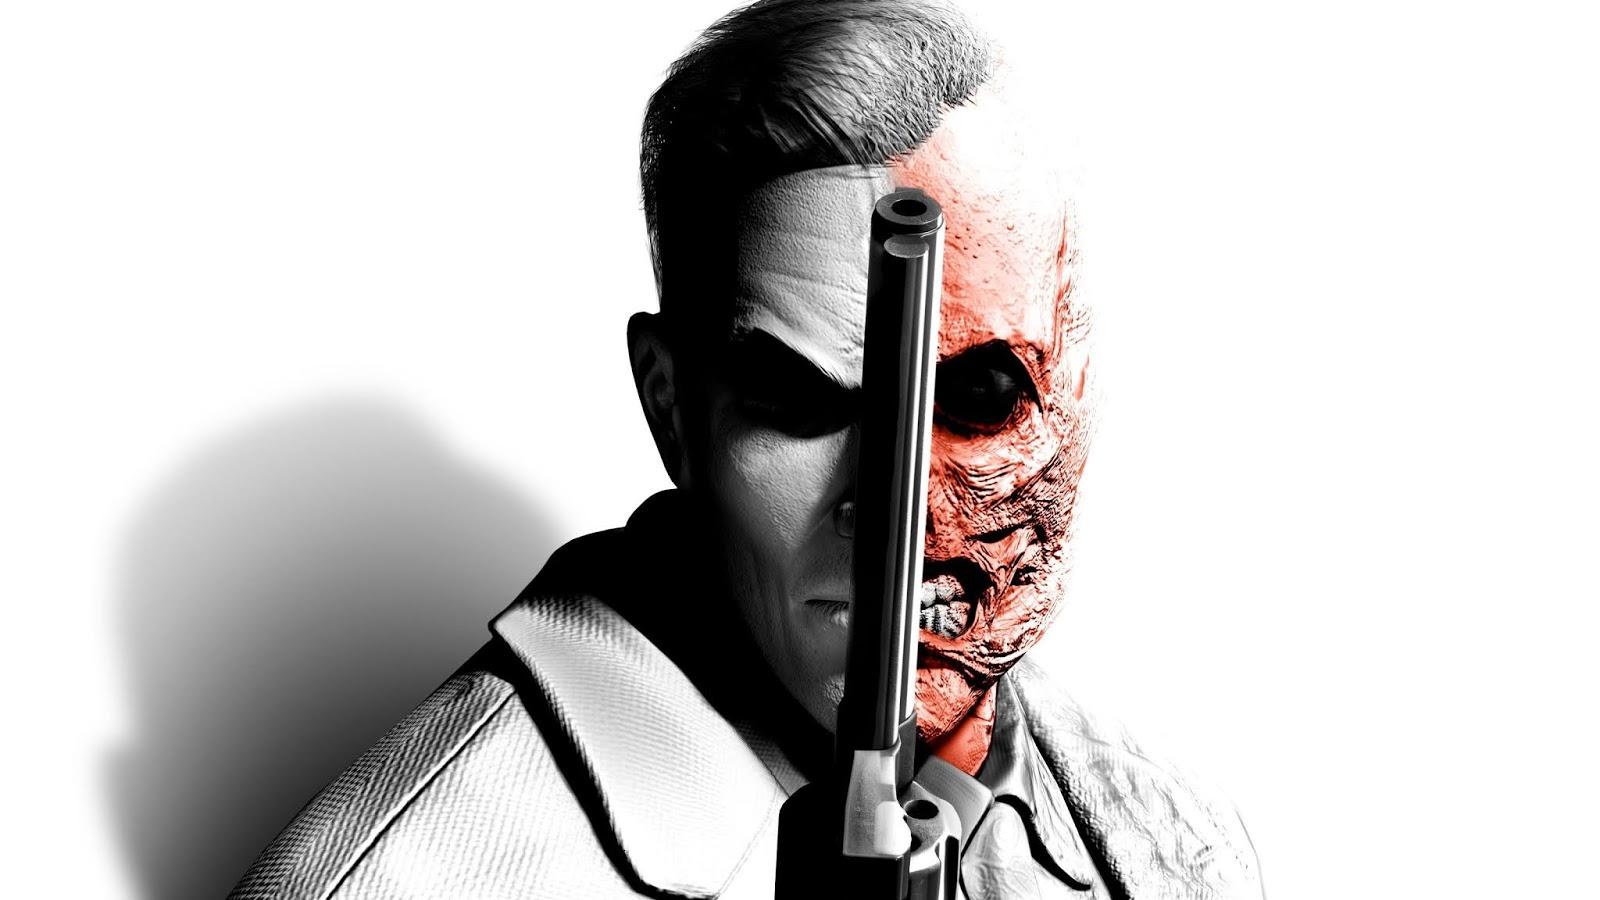 An artist imagines Daniel Craig as Two Faces in The Batman